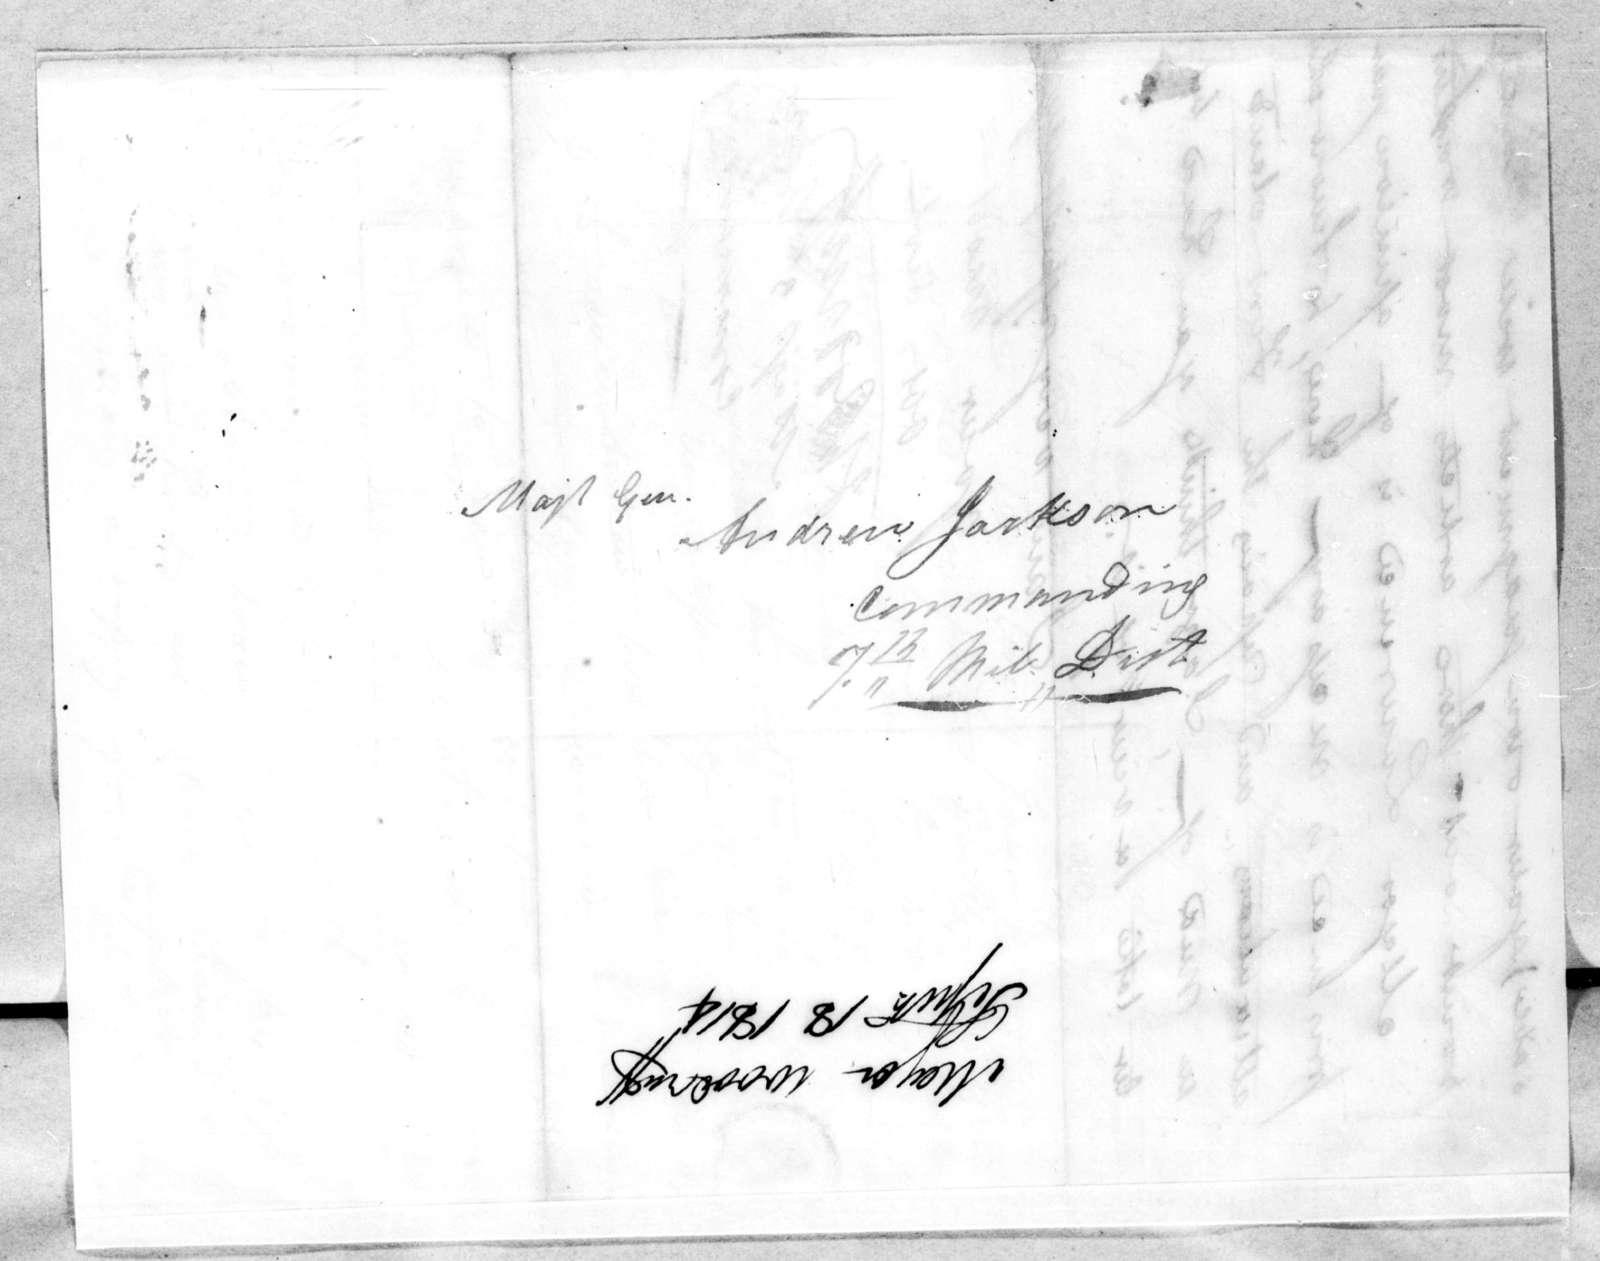 Joseph Woodruff to Andrew Jackson, September 18, 1814